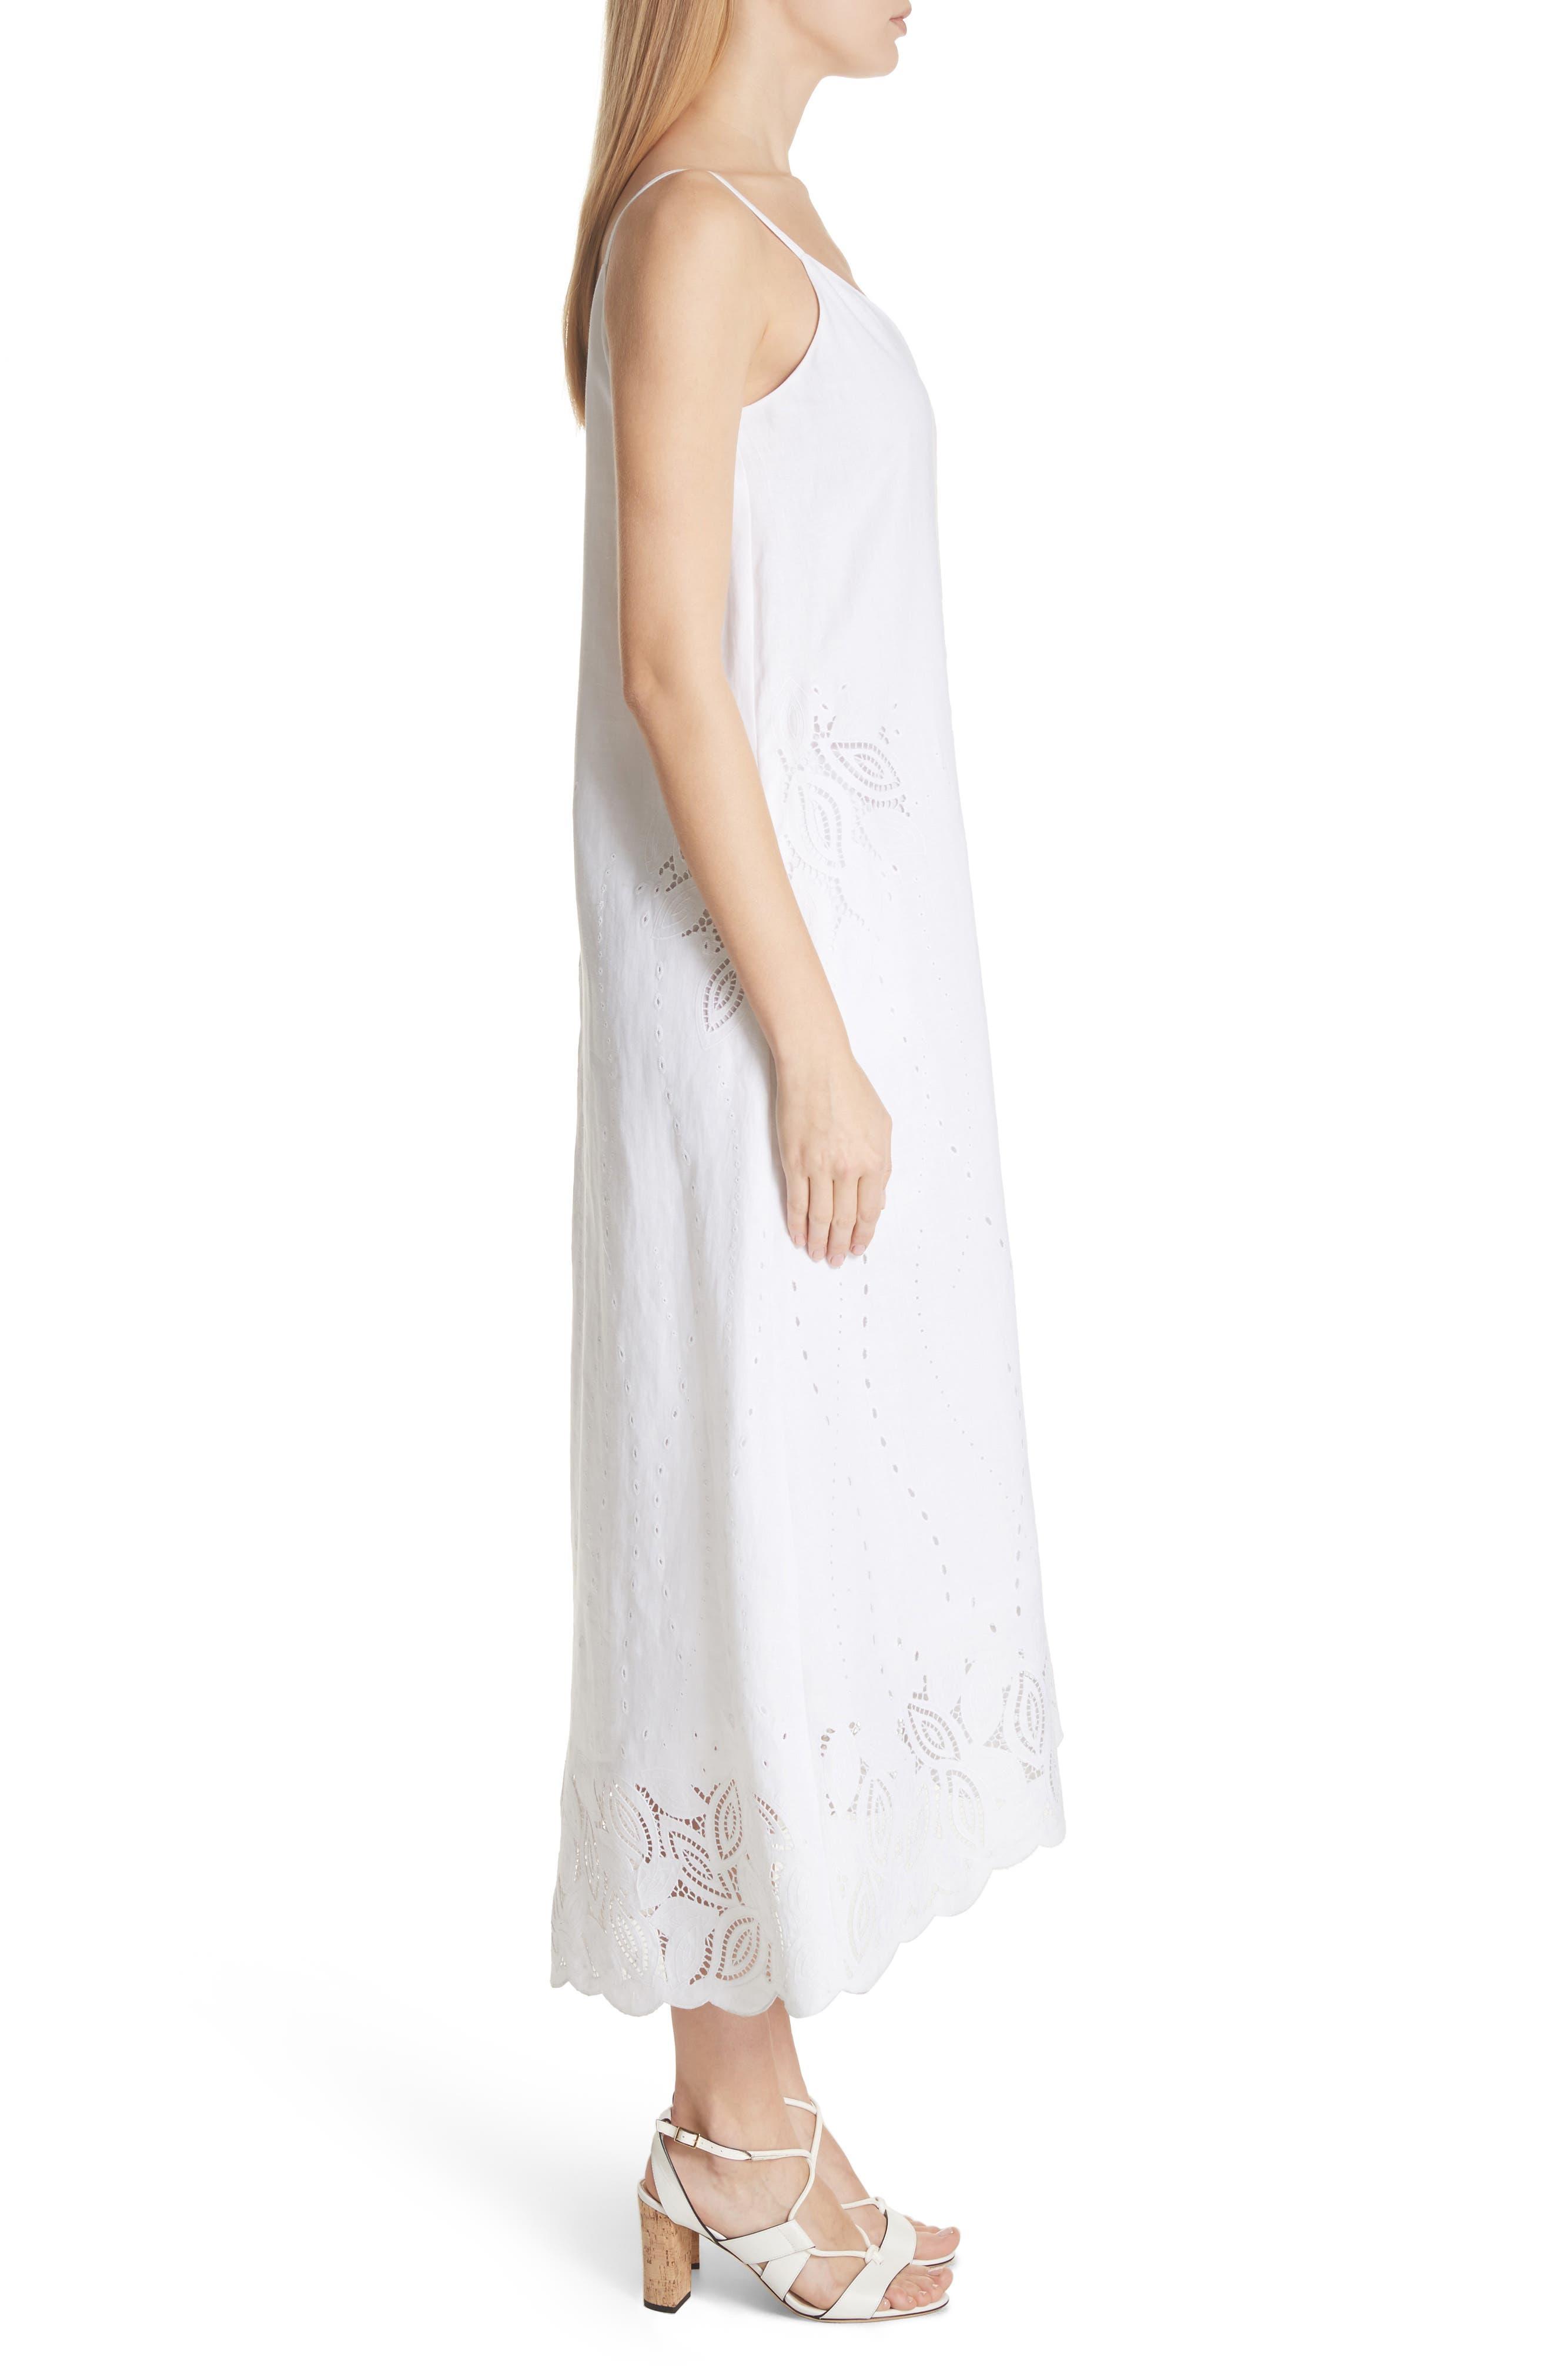 Dominique Linen Cutwork Dress,                             Alternate thumbnail 3, color,                             White